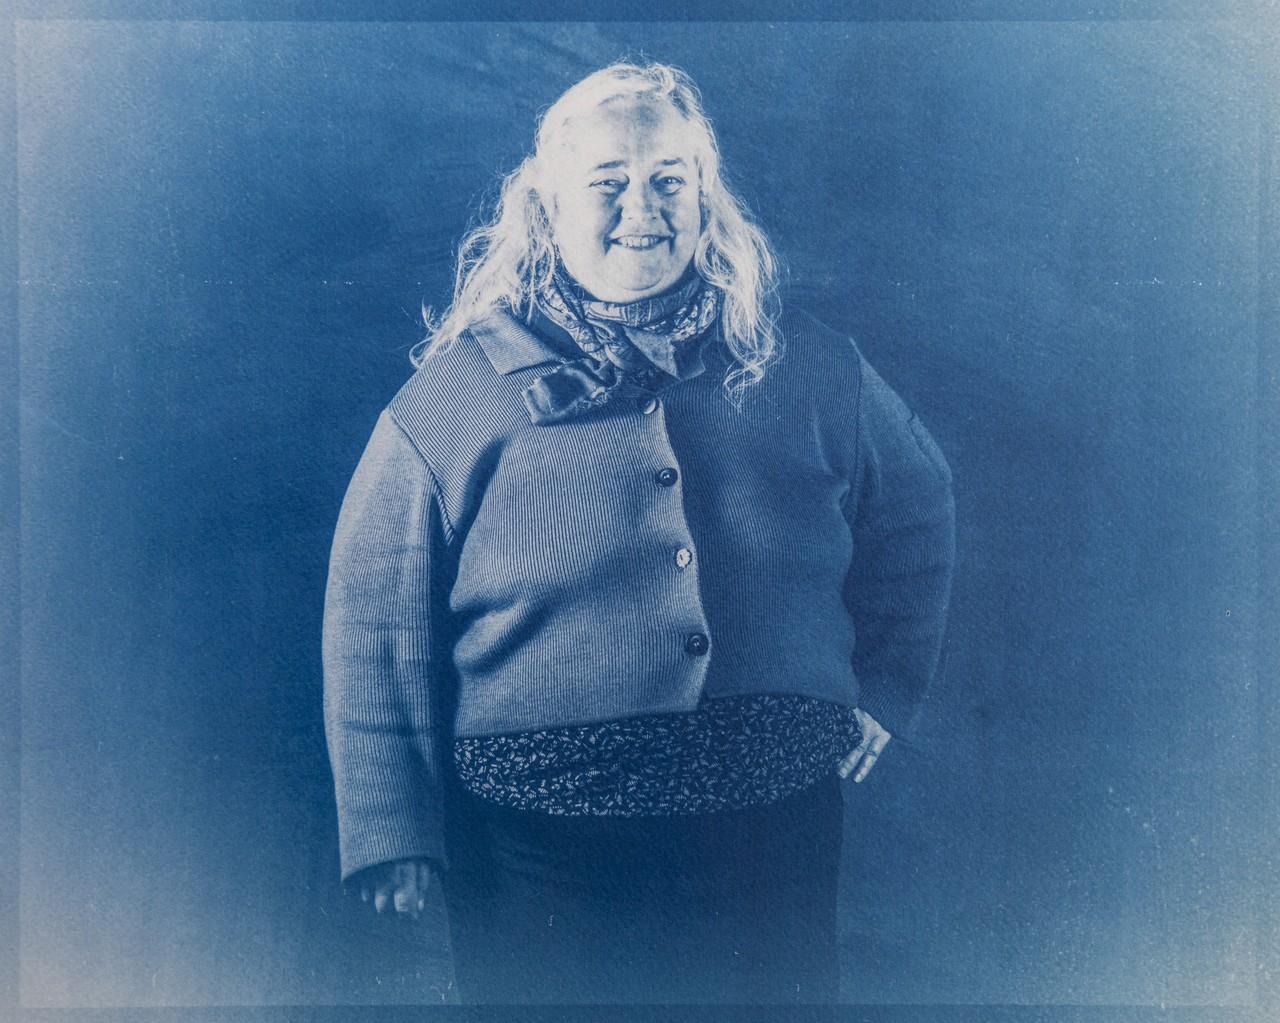 Portrait of Mireille Larher, Cabinet photographique de Maurepas, Rennes, FRANCE, December 4 2020.  Portrait de Bernard, Gestionnaire de Site, Archipel Habitat, Cabinet photographique de Maurepas, Rennes, FRANCE, 04/12/2020.